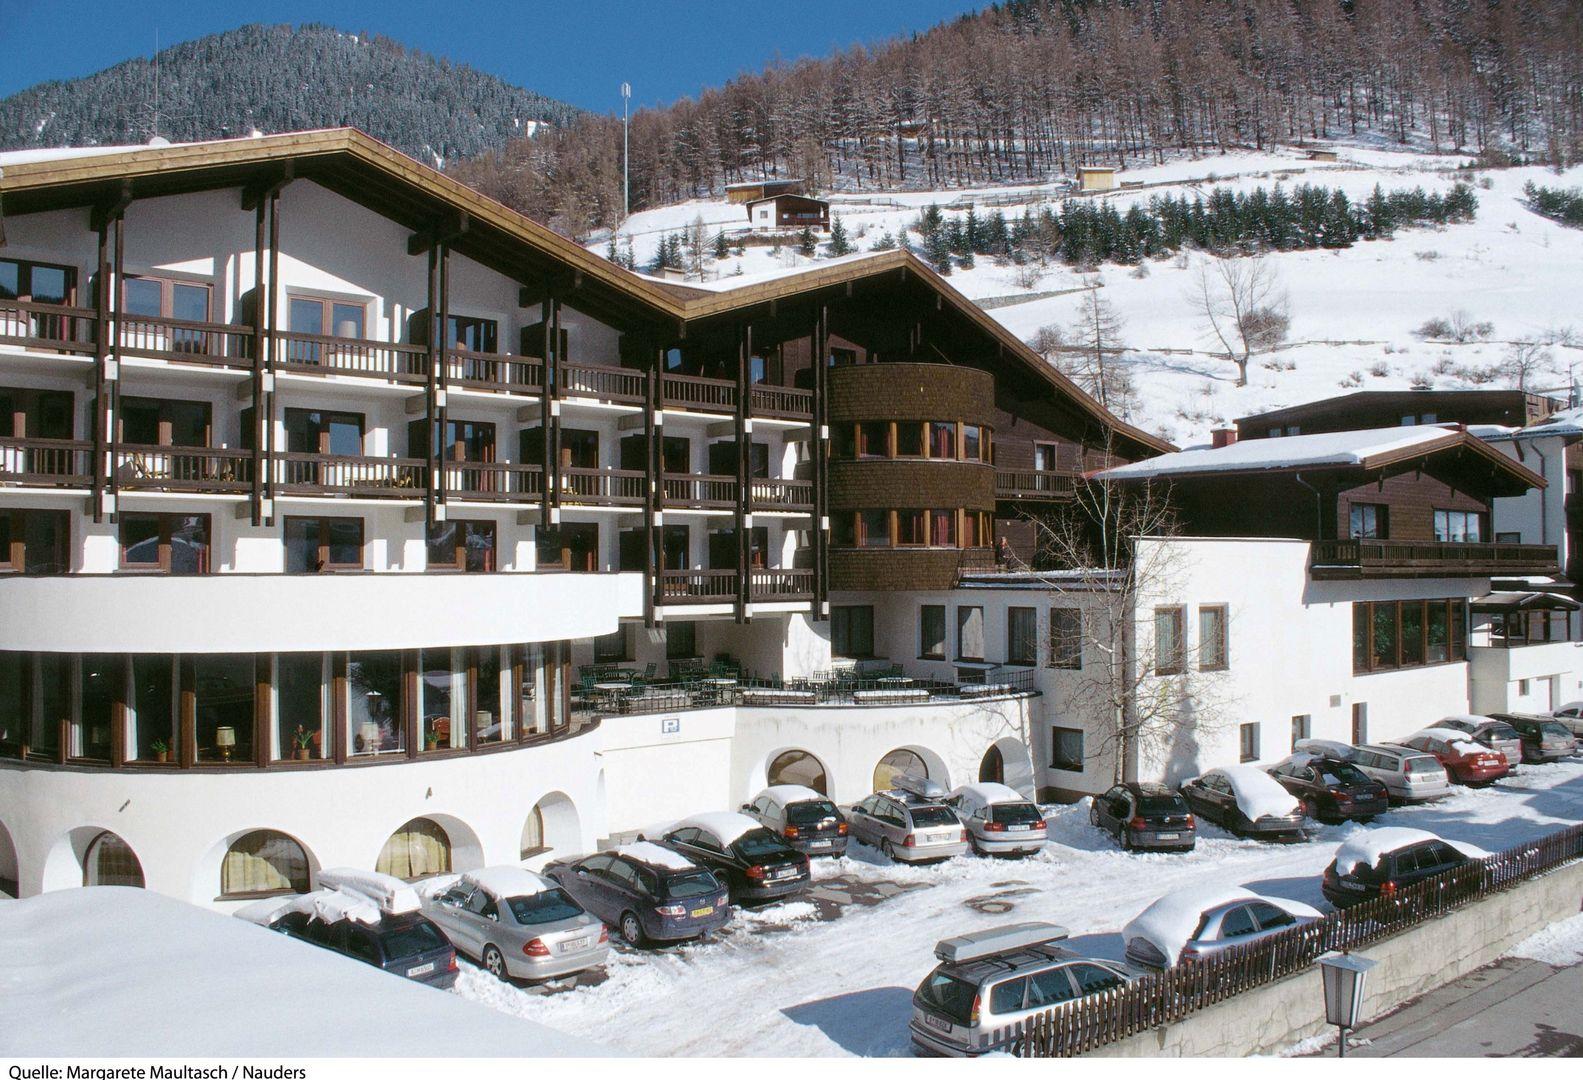 Meer info over Hotel Margarete Maultasch  bij Wintertrex